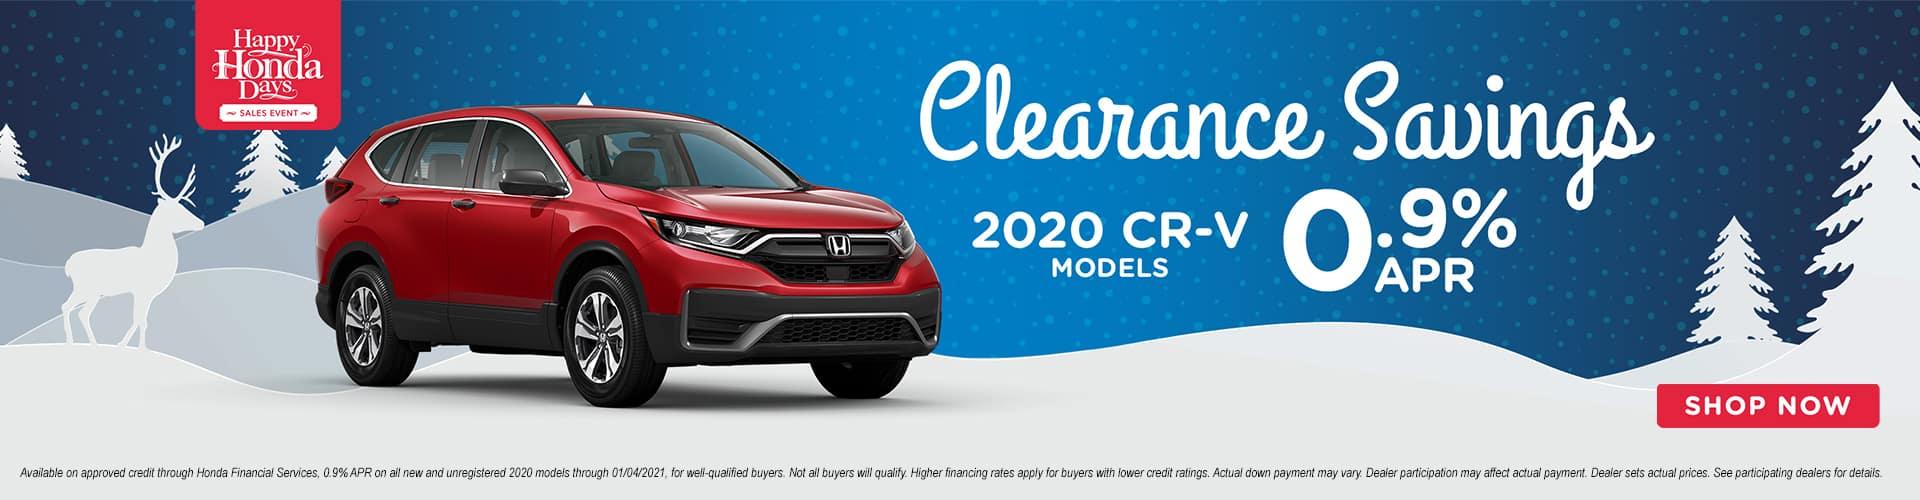 .9% APR Honda Civic